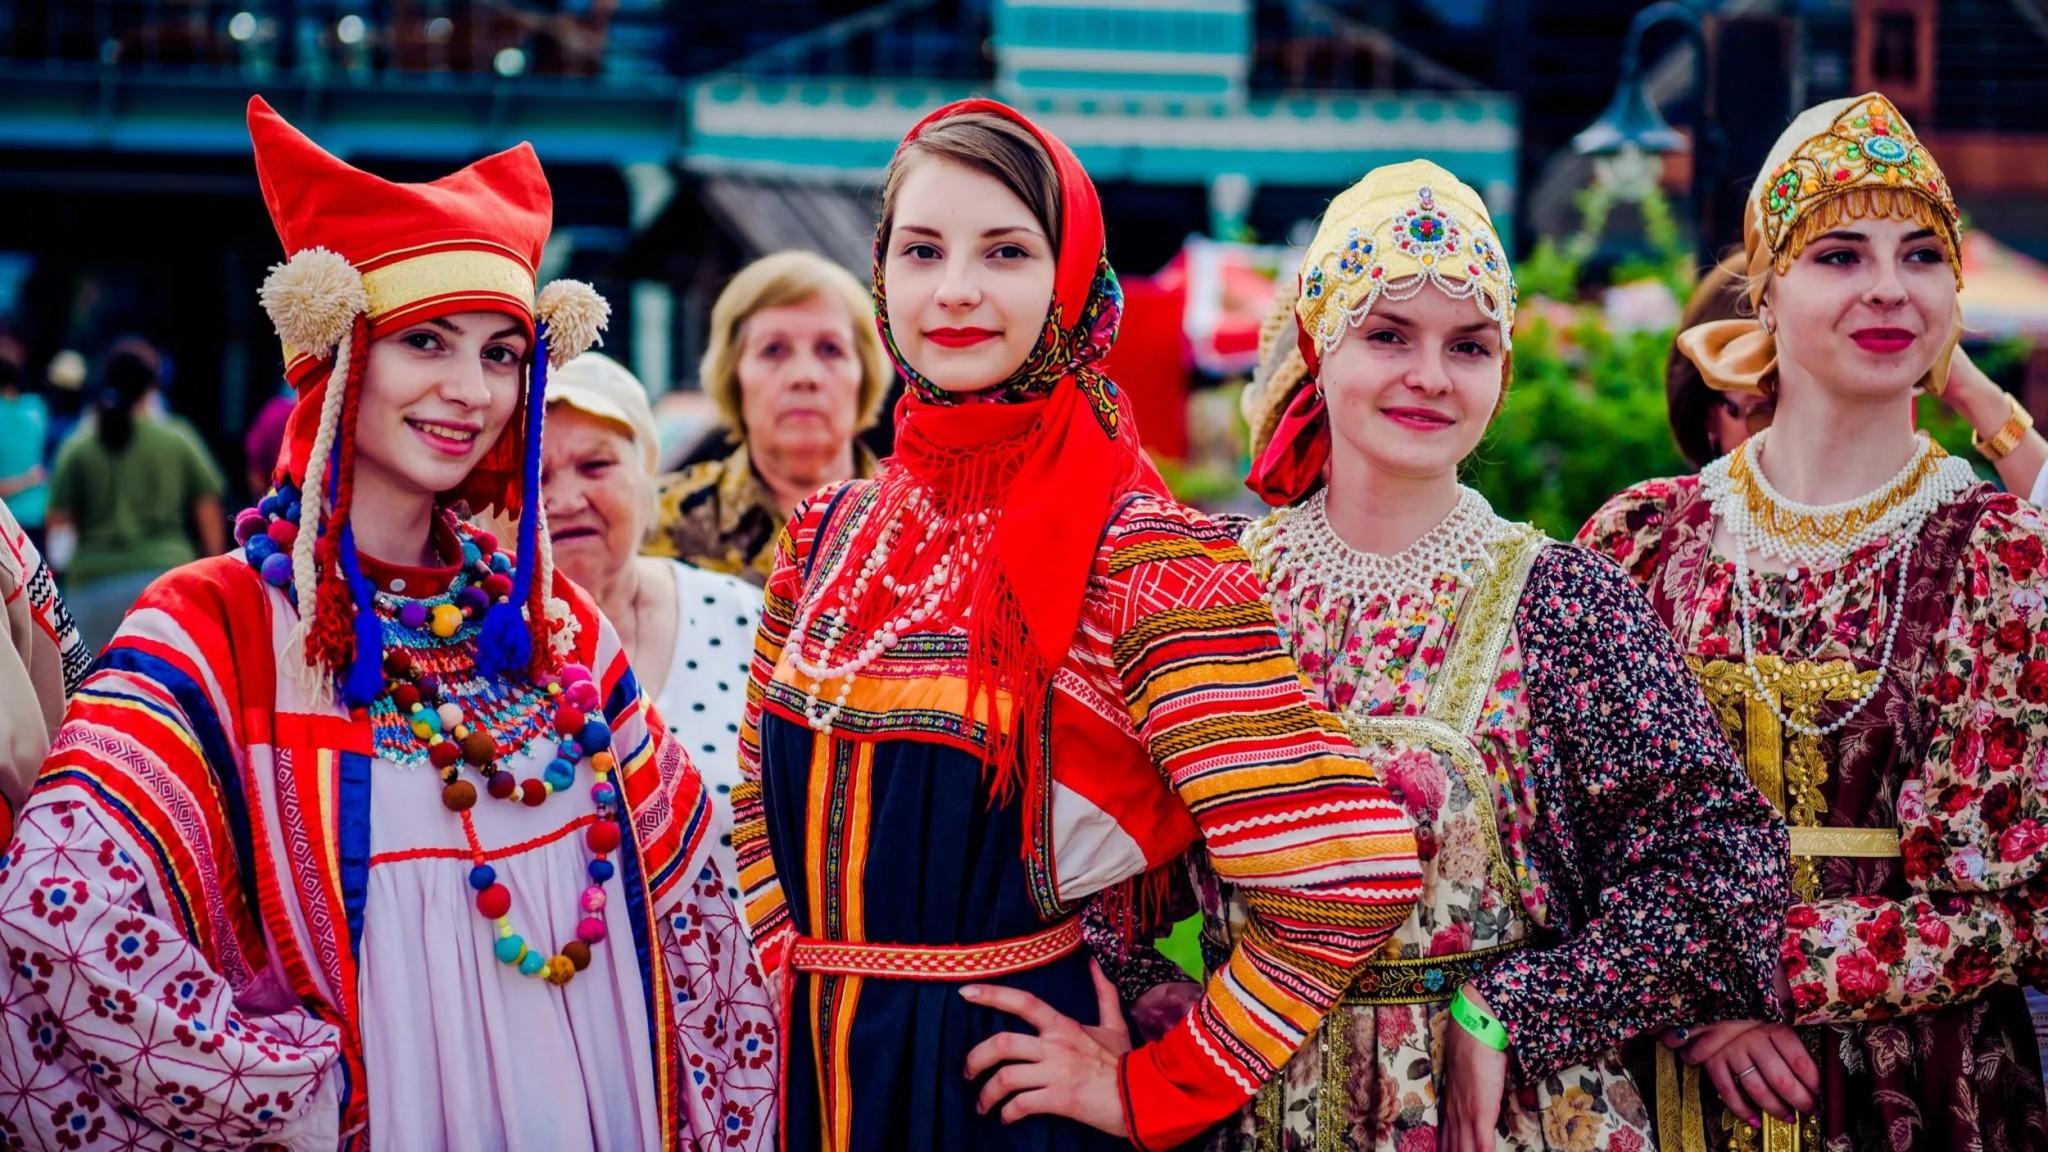 Жителям Тверской области предложили гармонизировать межнациональные отношения